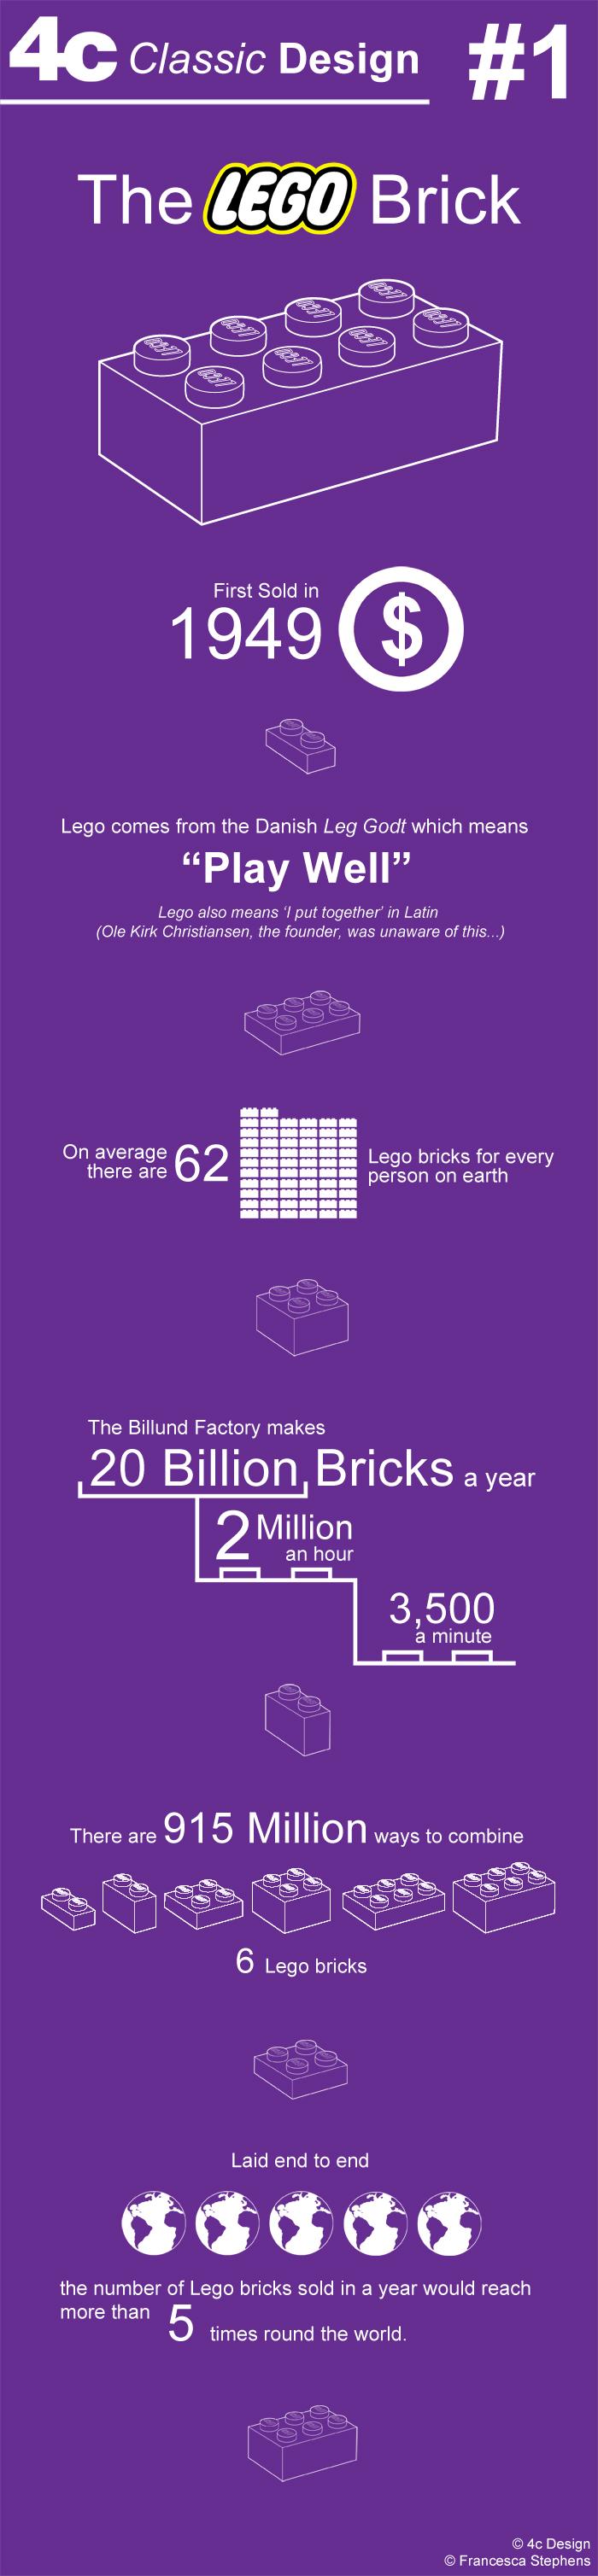 Classic Design: The Lego Brick